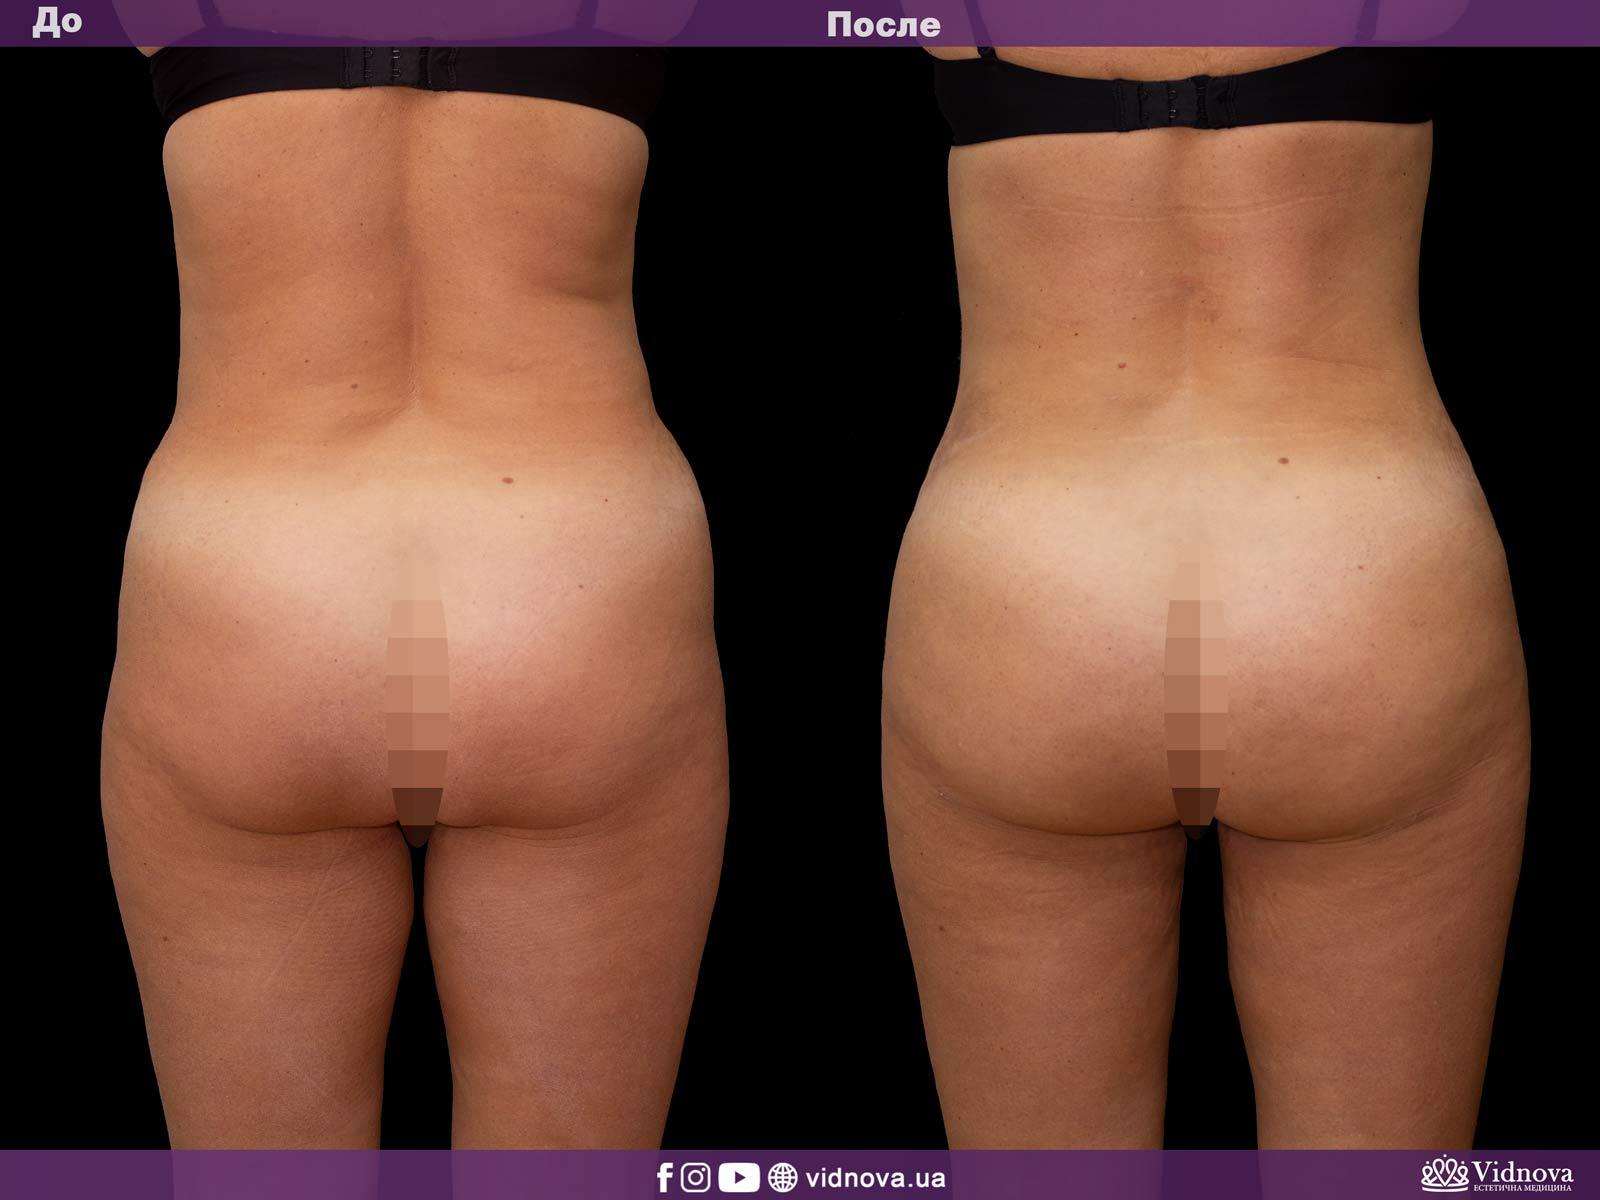 Липоскульптурирование: Фото До и После - Пример №2-1 - Клиника Vidnova